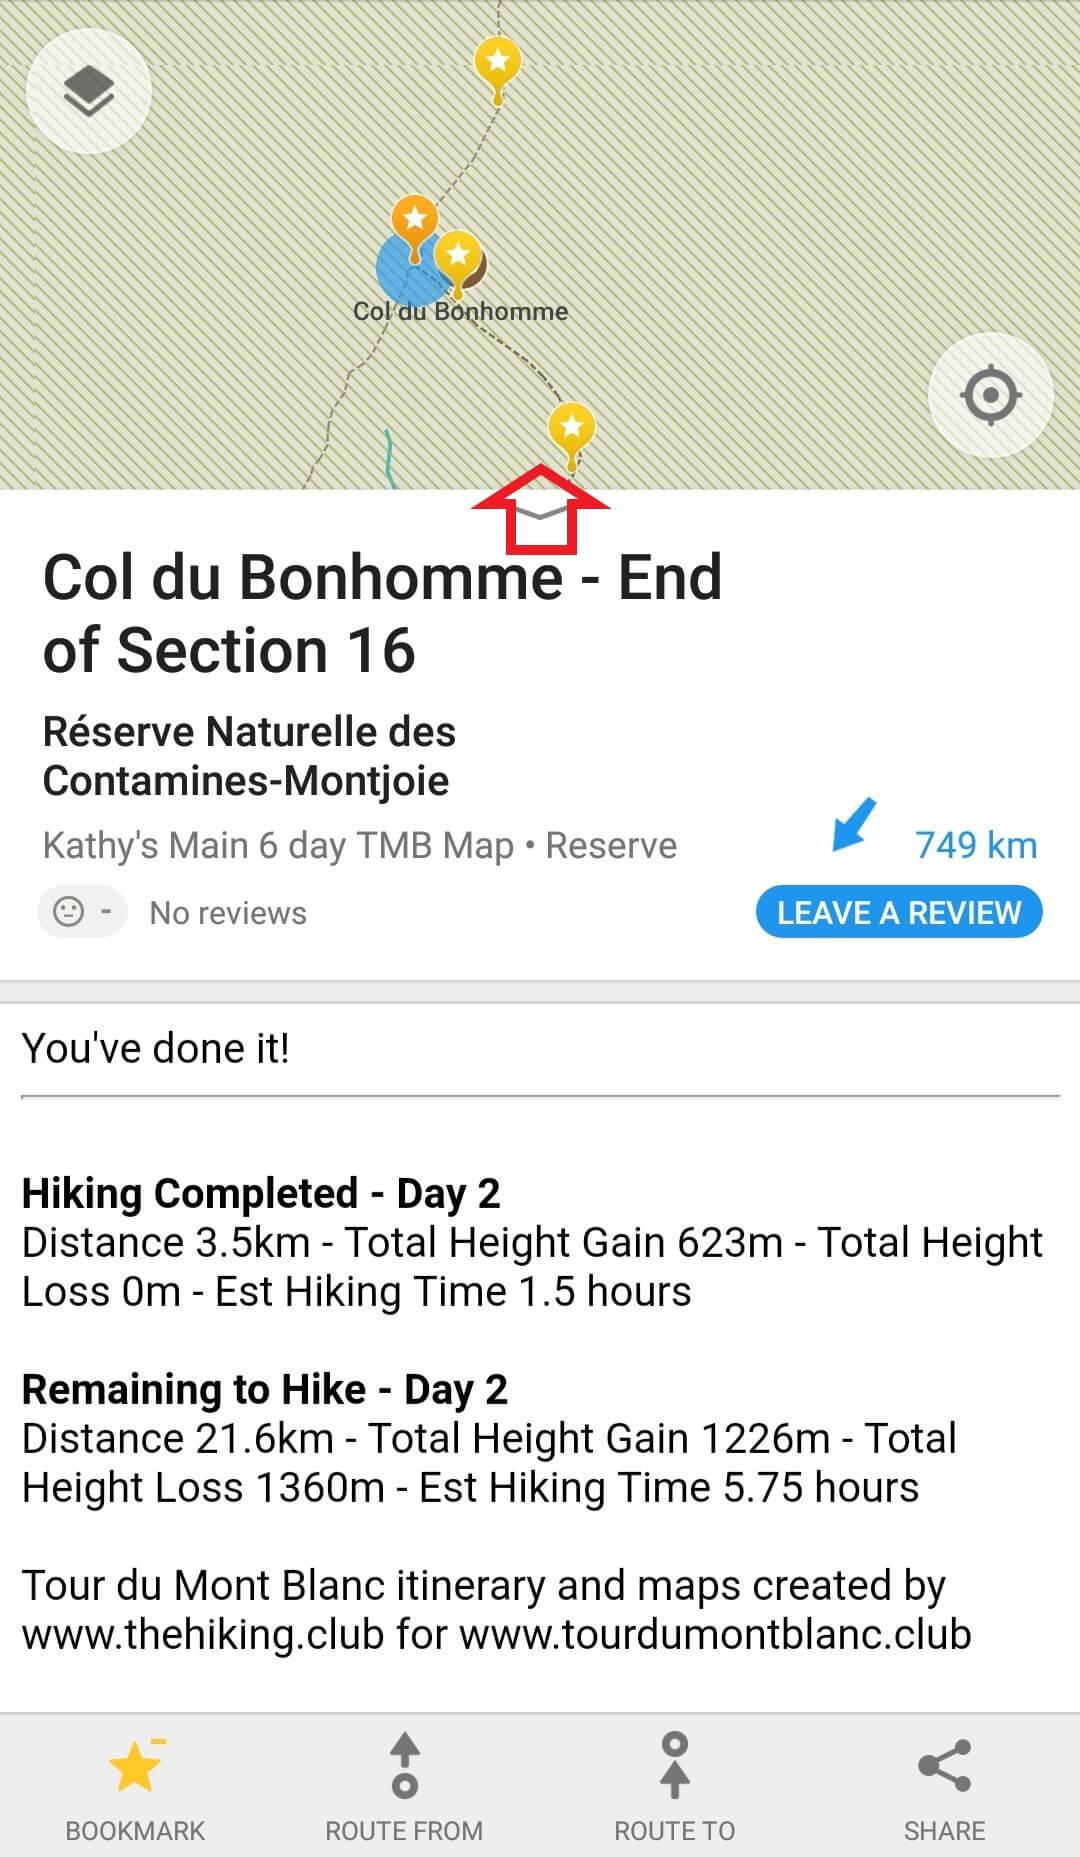 Tour du Mont Blanc Map_Section end details.jpg